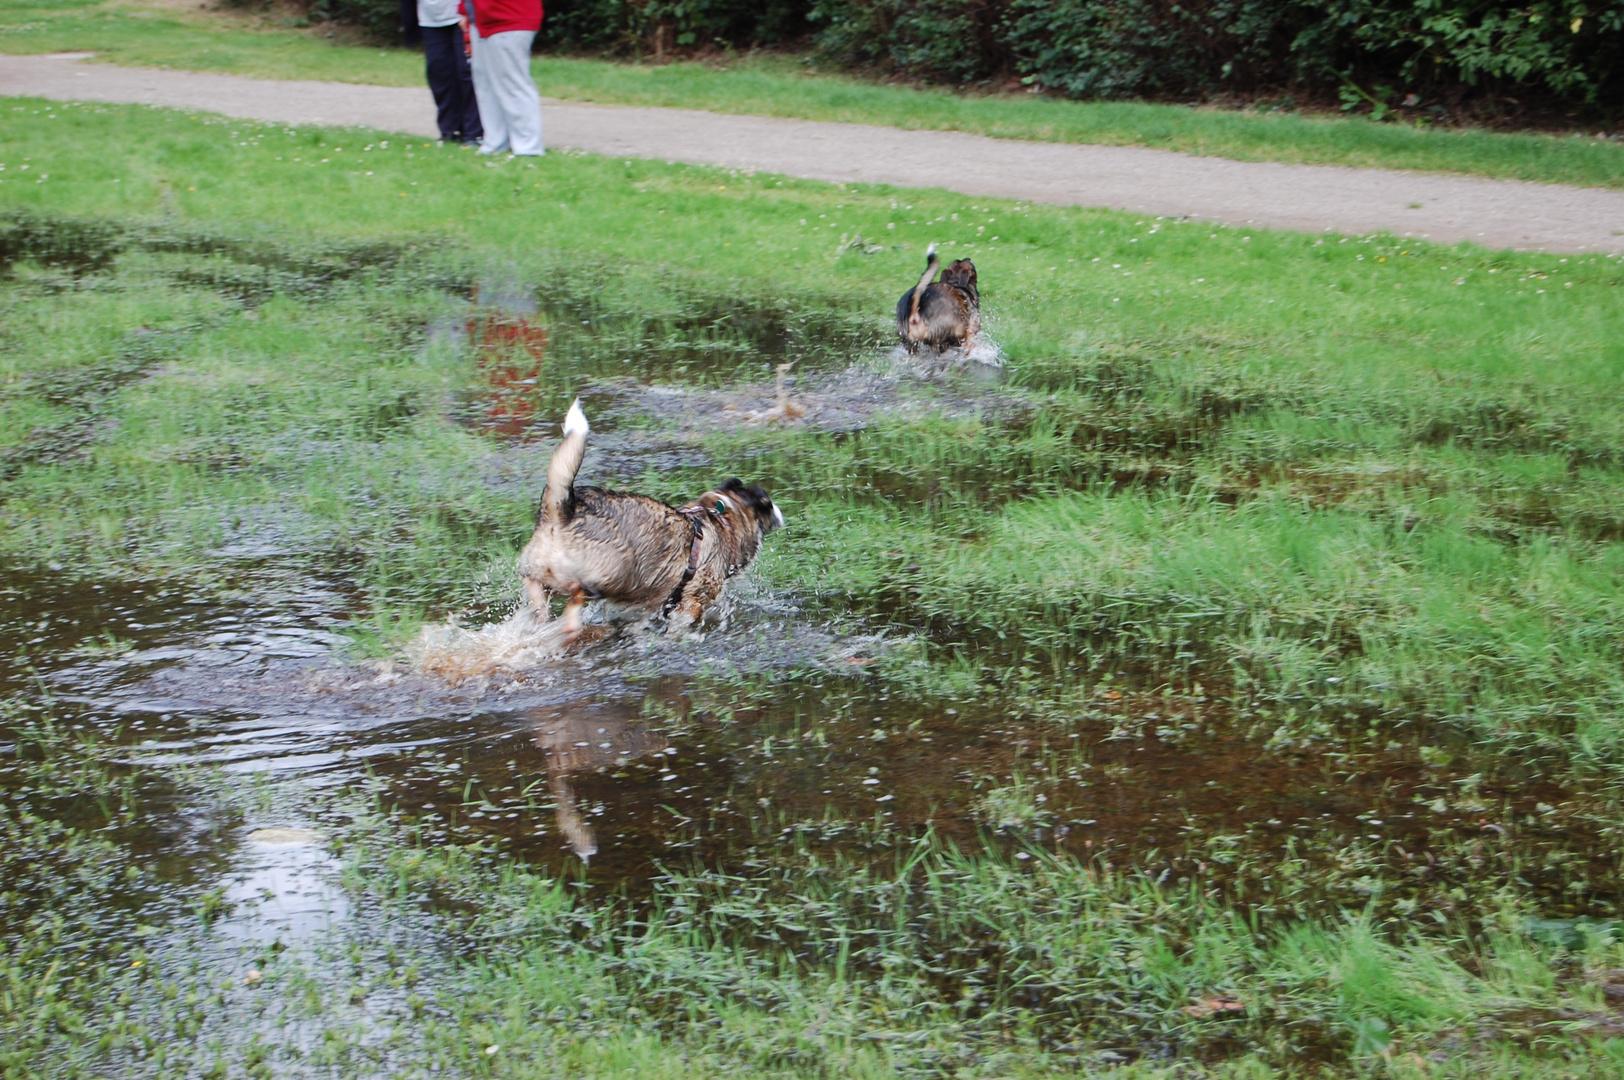 Unsere beiden Hunde beim Toben2